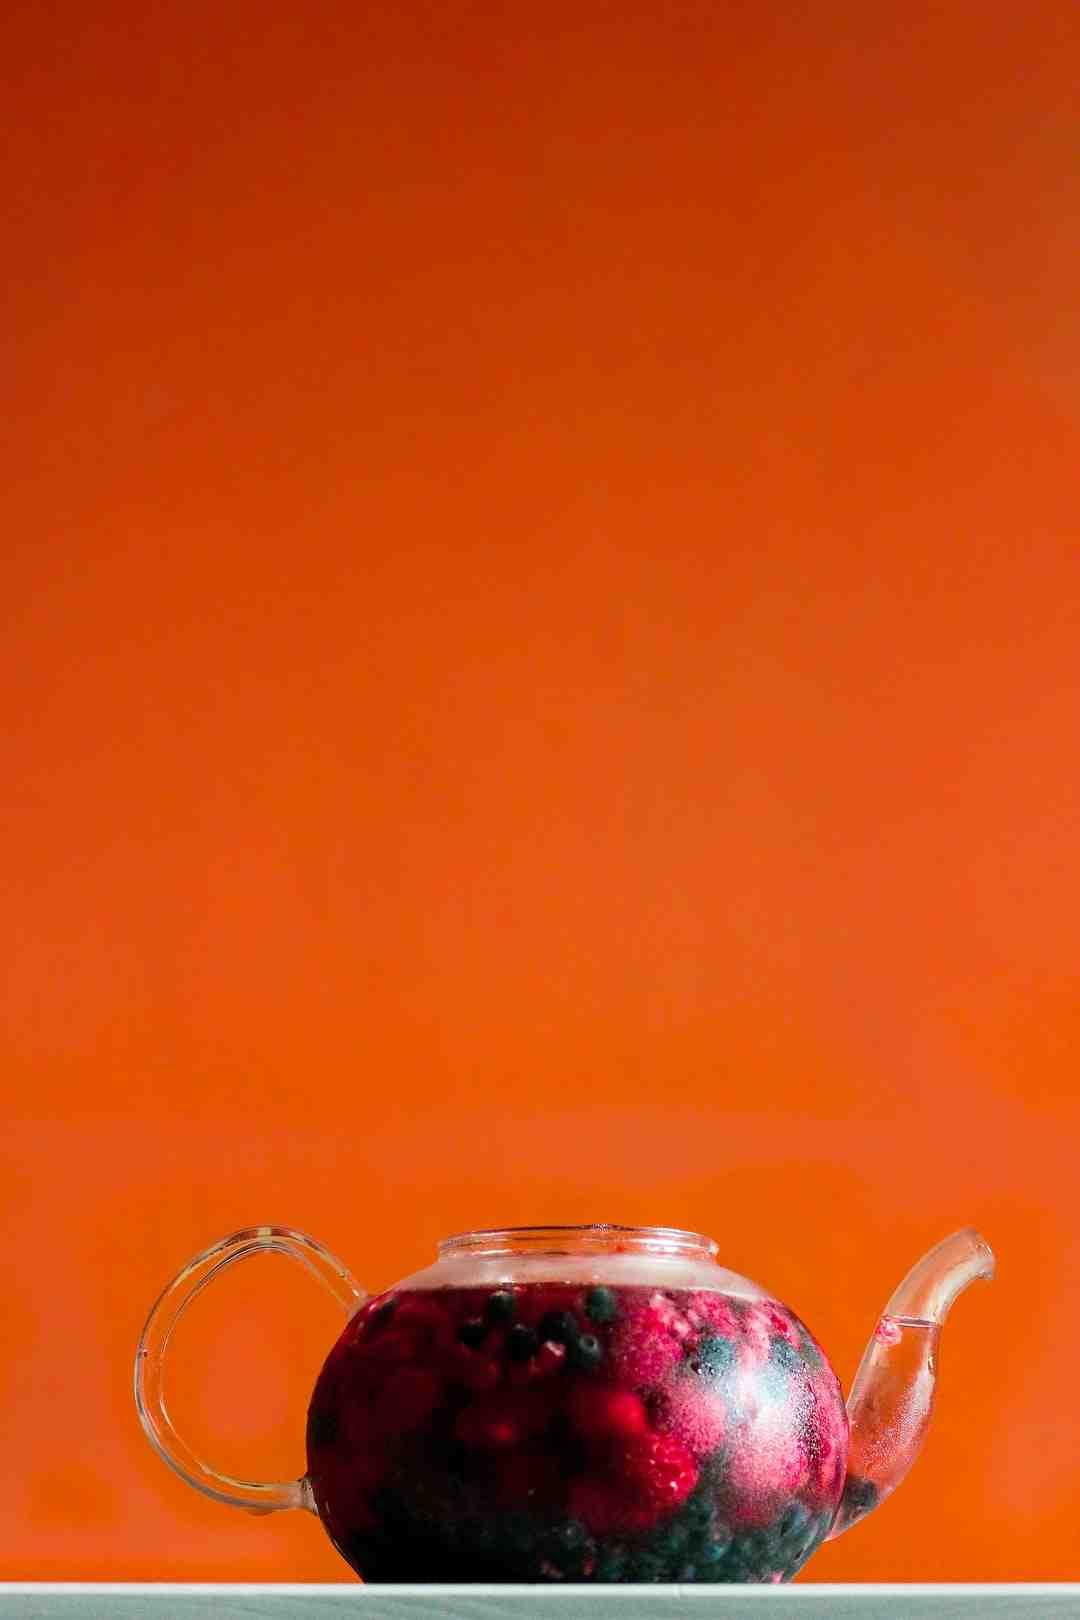 Comment stériliser des pots de confiture maison ?